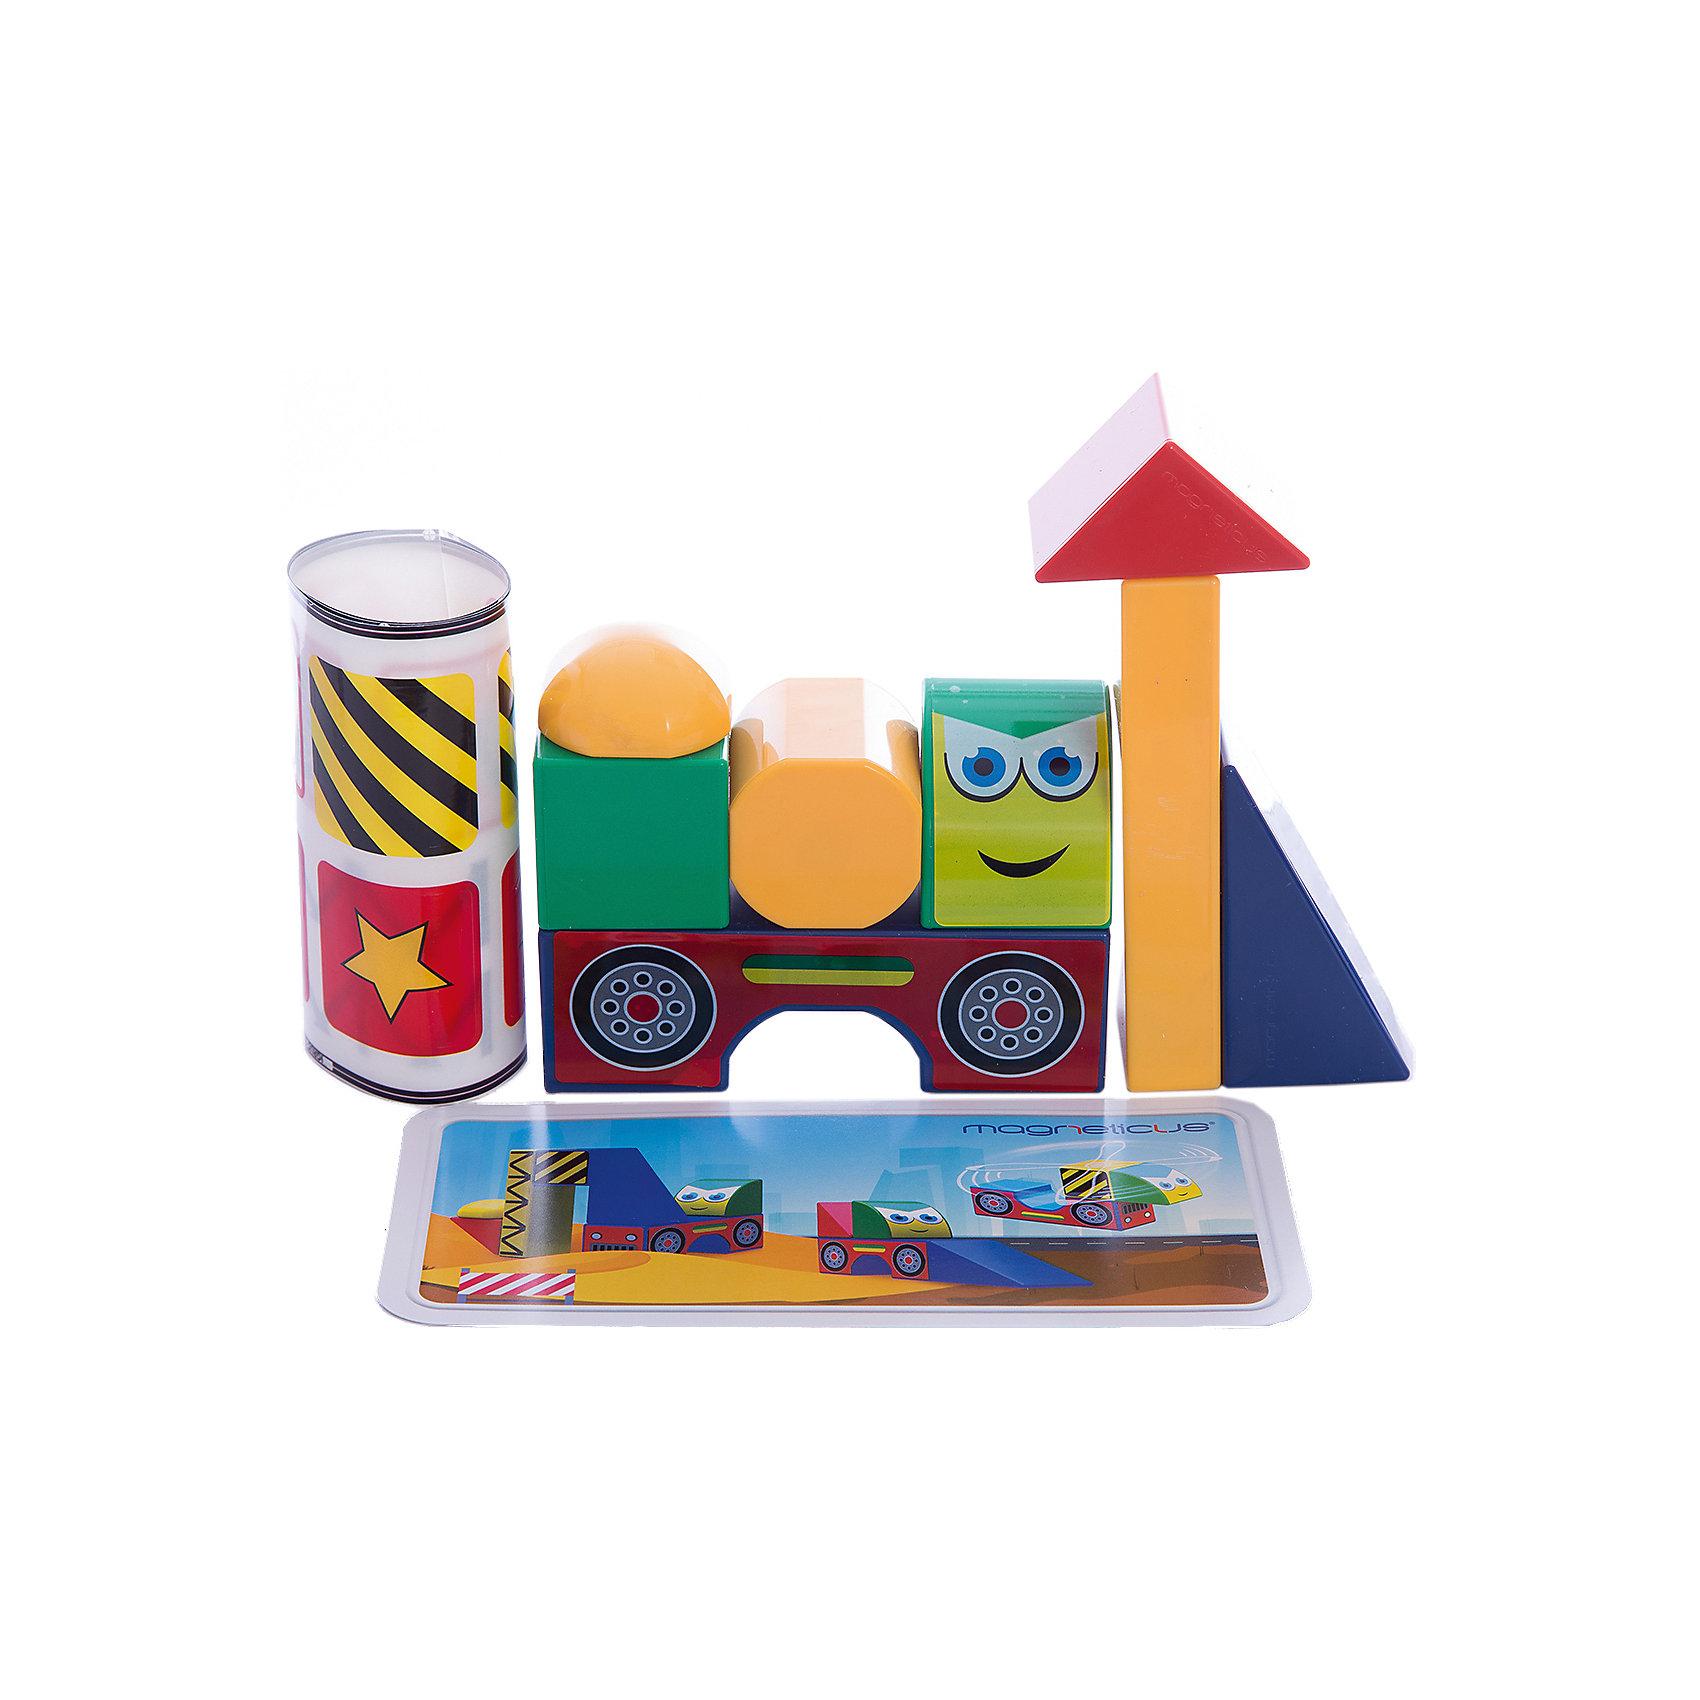 Магнитные кубики СтройкаХарактеристики:<br><br>• количество кубиков в наборе Magneticus: 8 шт.;<br>• магниты встроены в грани кубиков;<br>• материал: металл, полимерное покрытие, наклейки;<br>• размер упаковки: 23х24х5 см;<br>• вес: 360 г.<br><br>Магнитные кубики помогают развить моторику рук, цветовосприятие и фантазию. Кубики представлены в 4-х цветах. Из 8 кубиков можно построить объемные модели: вертолет, экскаватор, бетономешалку, бульдозер. В грани кубиков встроены магниты, поэтому собранные фигуры не рассыпаются во время игры. <br><br>Магнитные кубики Стройка можно купить в нашем магазине.<br><br>Ширина мм: 235<br>Глубина мм: 50<br>Высота мм: 240<br>Вес г: 350<br>Возраст от месяцев: 36<br>Возраст до месяцев: 84<br>Пол: Унисекс<br>Возраст: Детский<br>SKU: 5238558